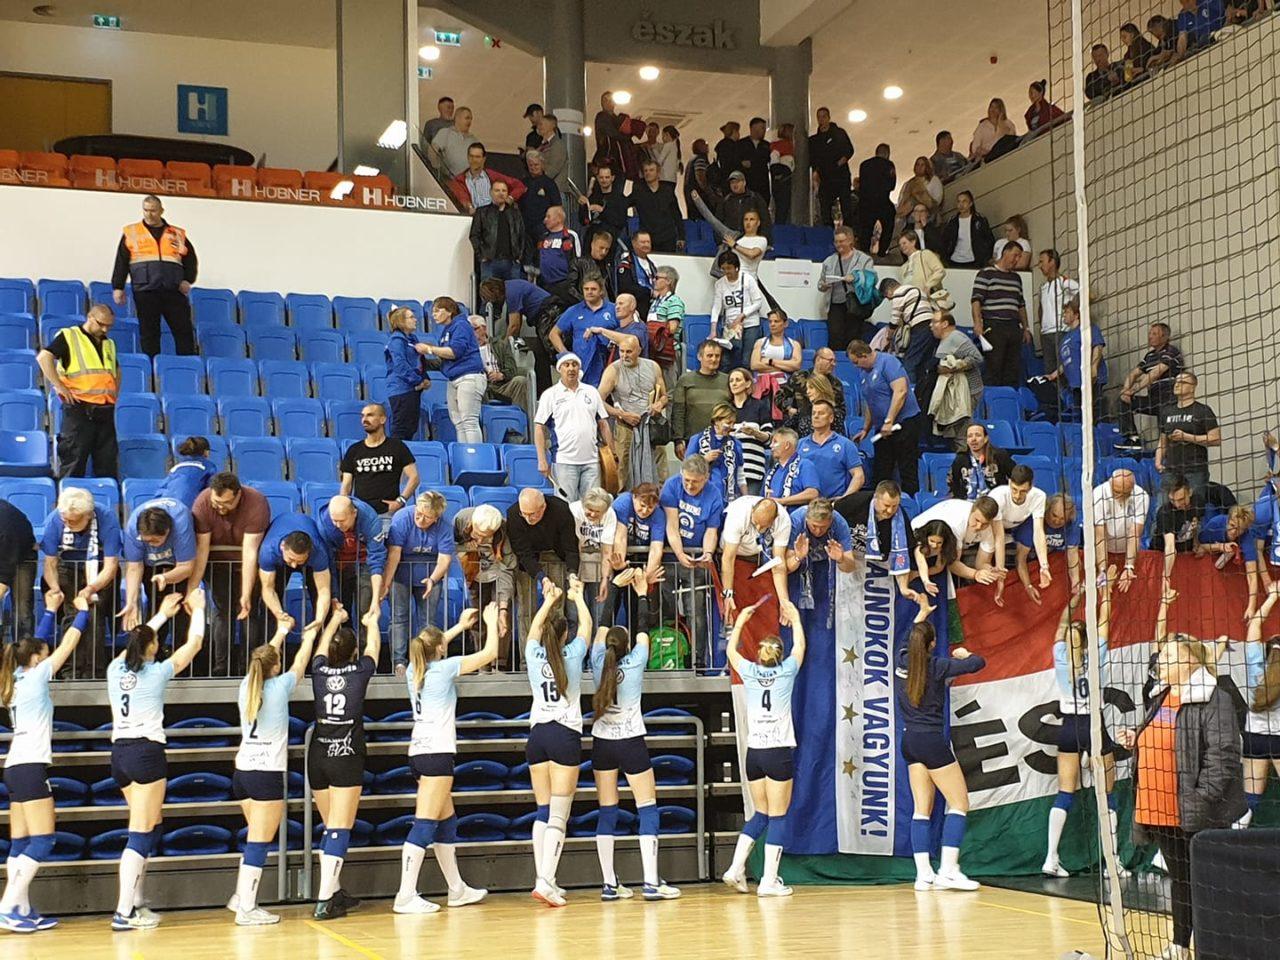 Magyar bajnokság: a Nyíregyháza jutott a döntőbe